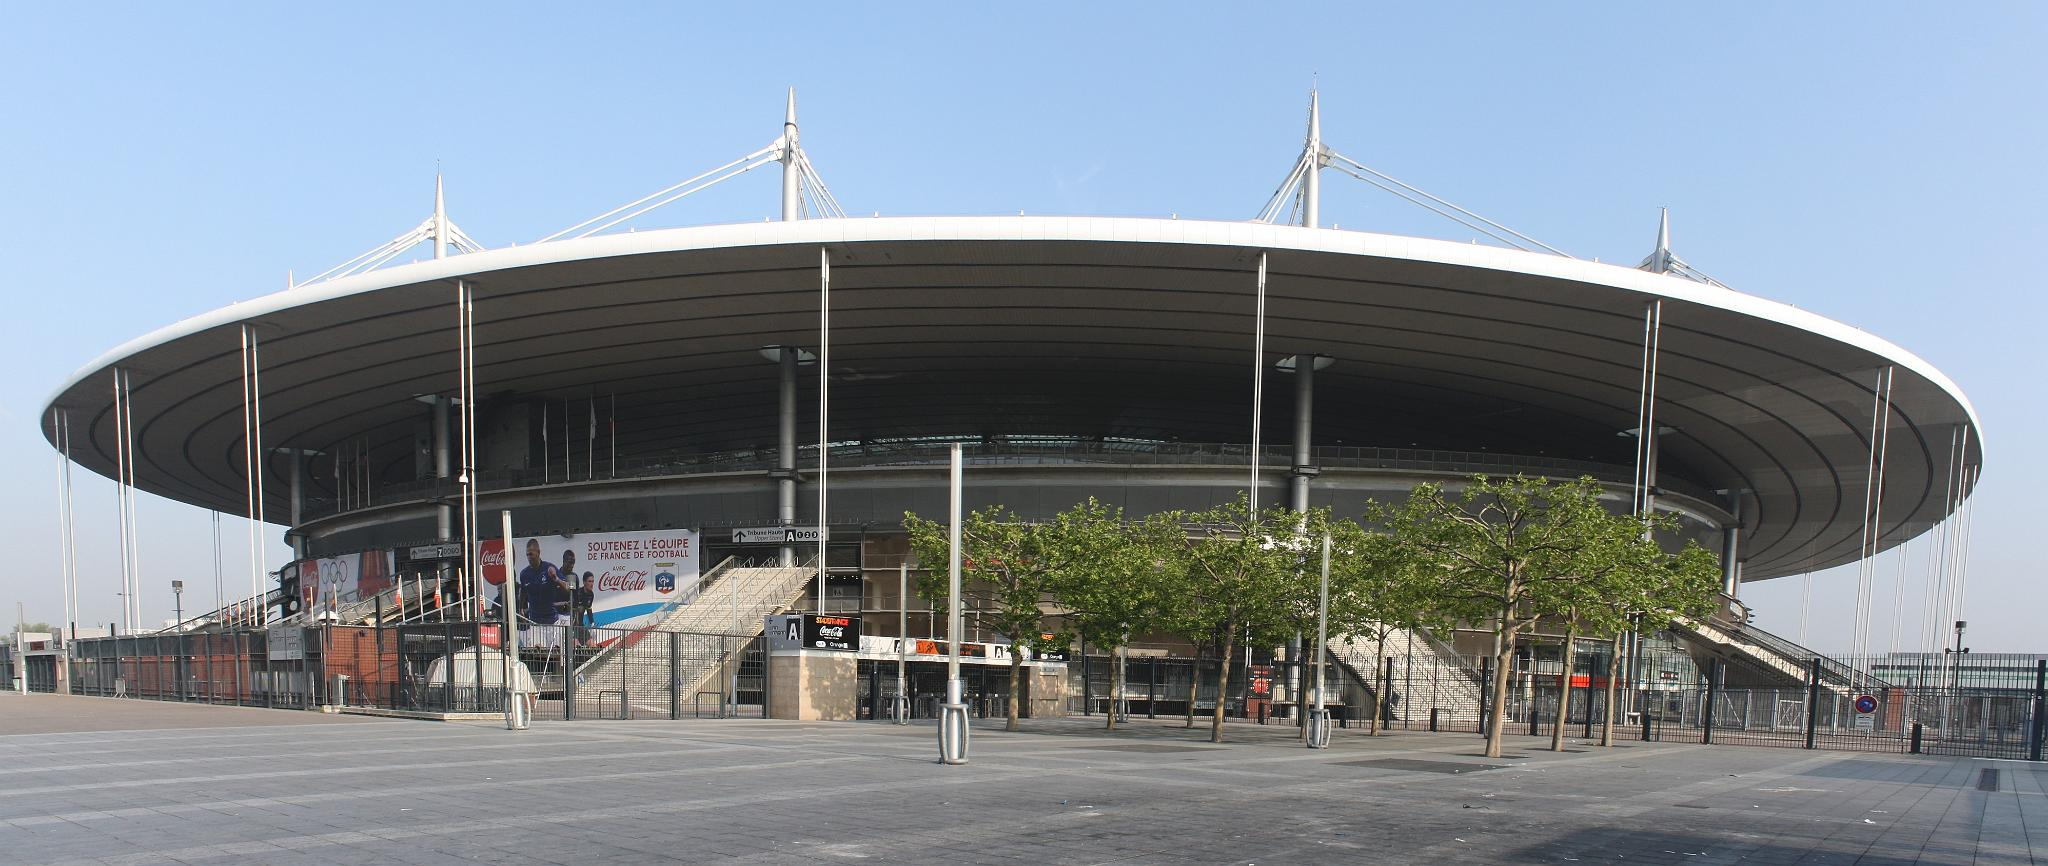 2015 05 23 fra paris stade de france highway to acdc le site francophone sur ac dc - Terrasse jardin paris saint denis ...